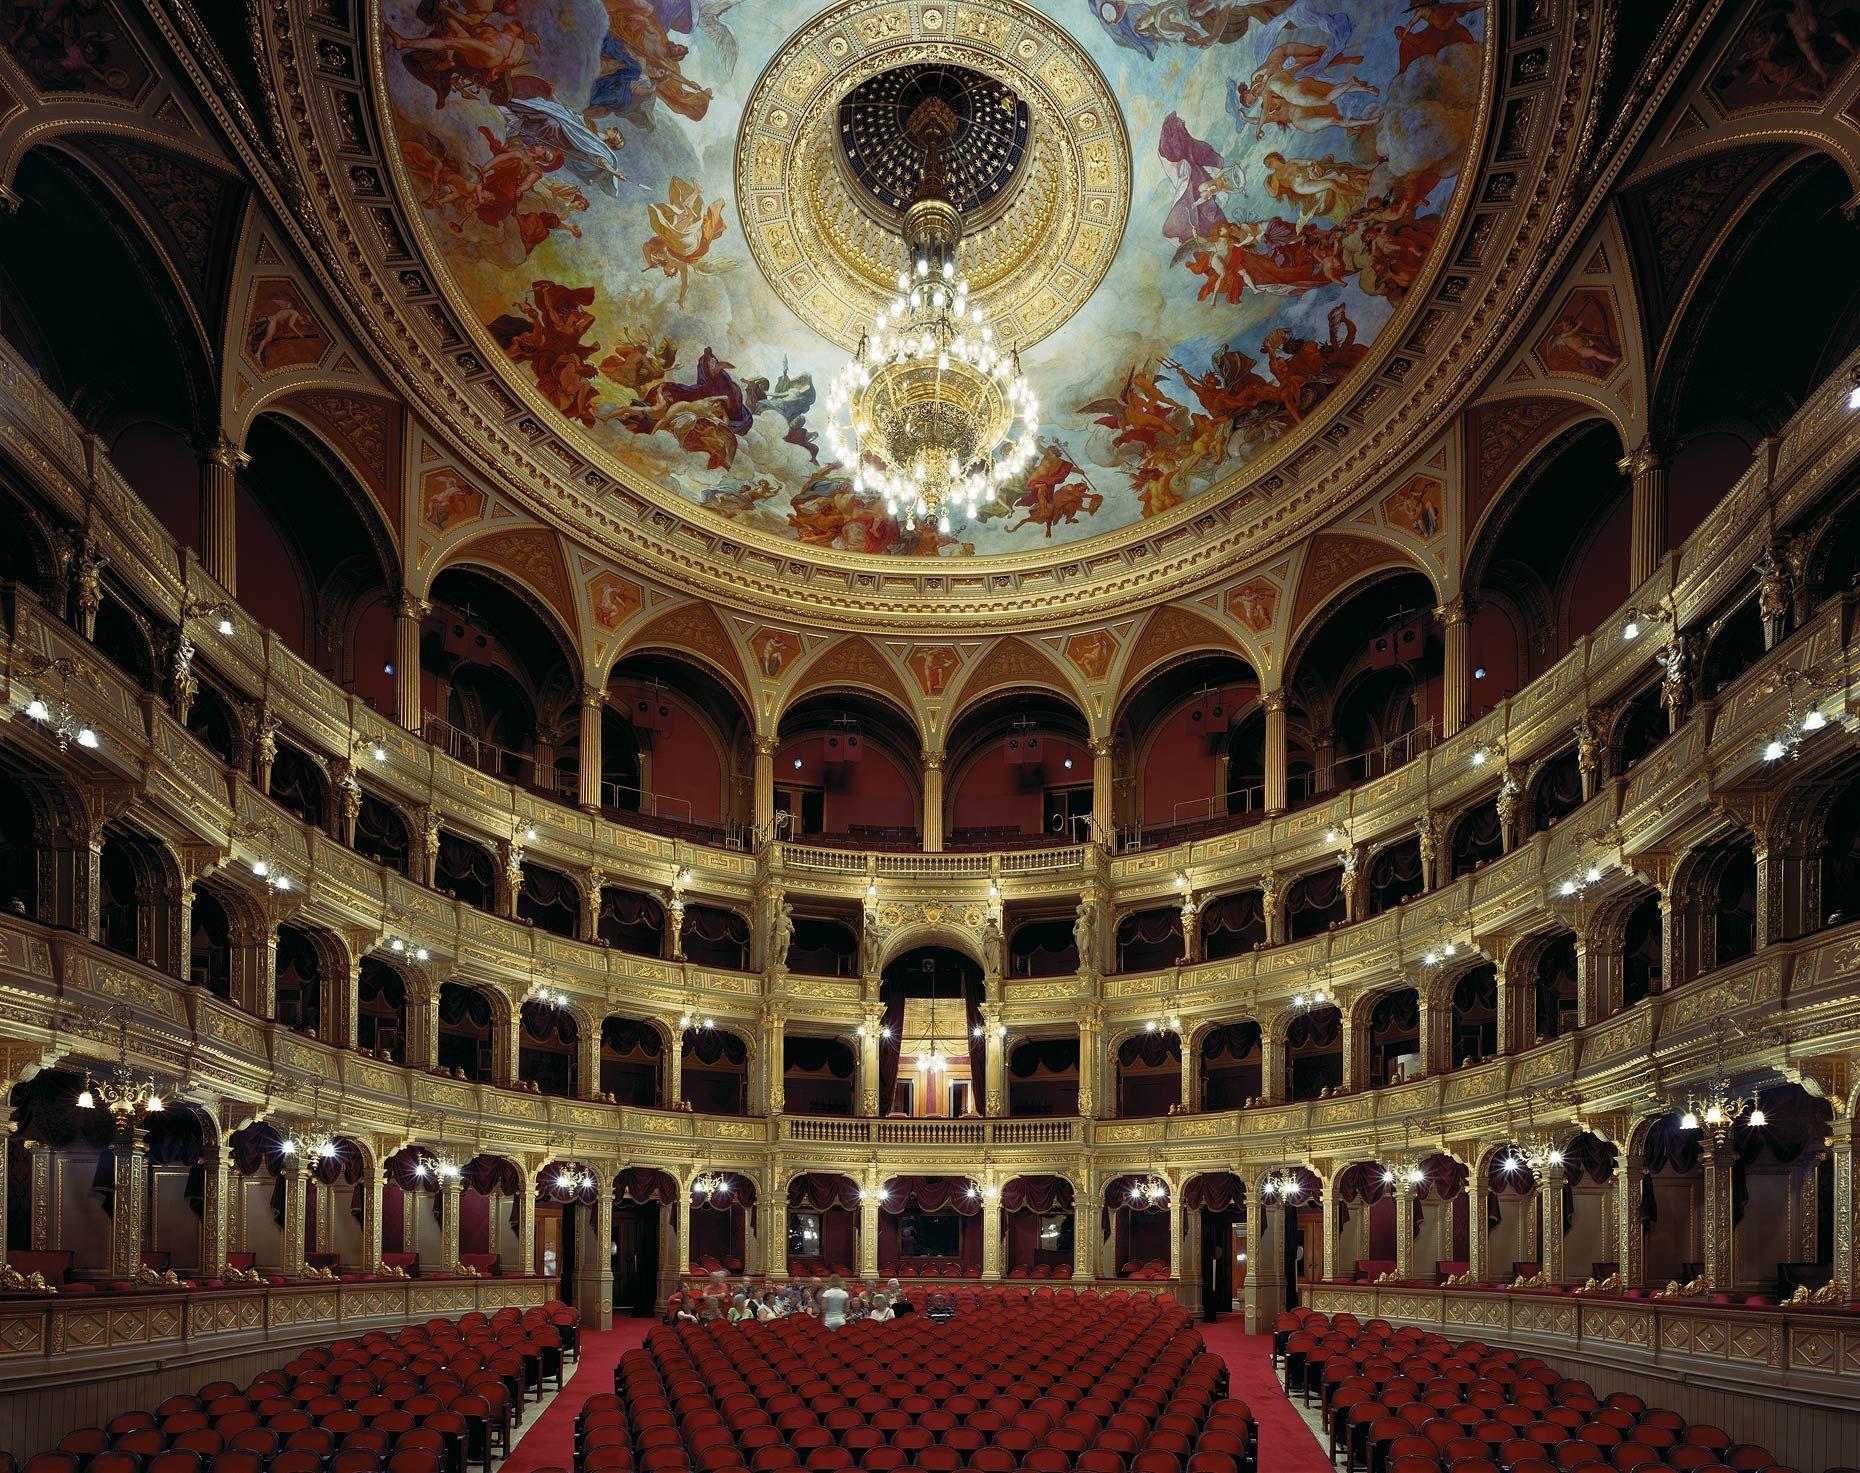 Hungarian State Opera House, Budapest, Hungary, 2008 - David Leventi Photography